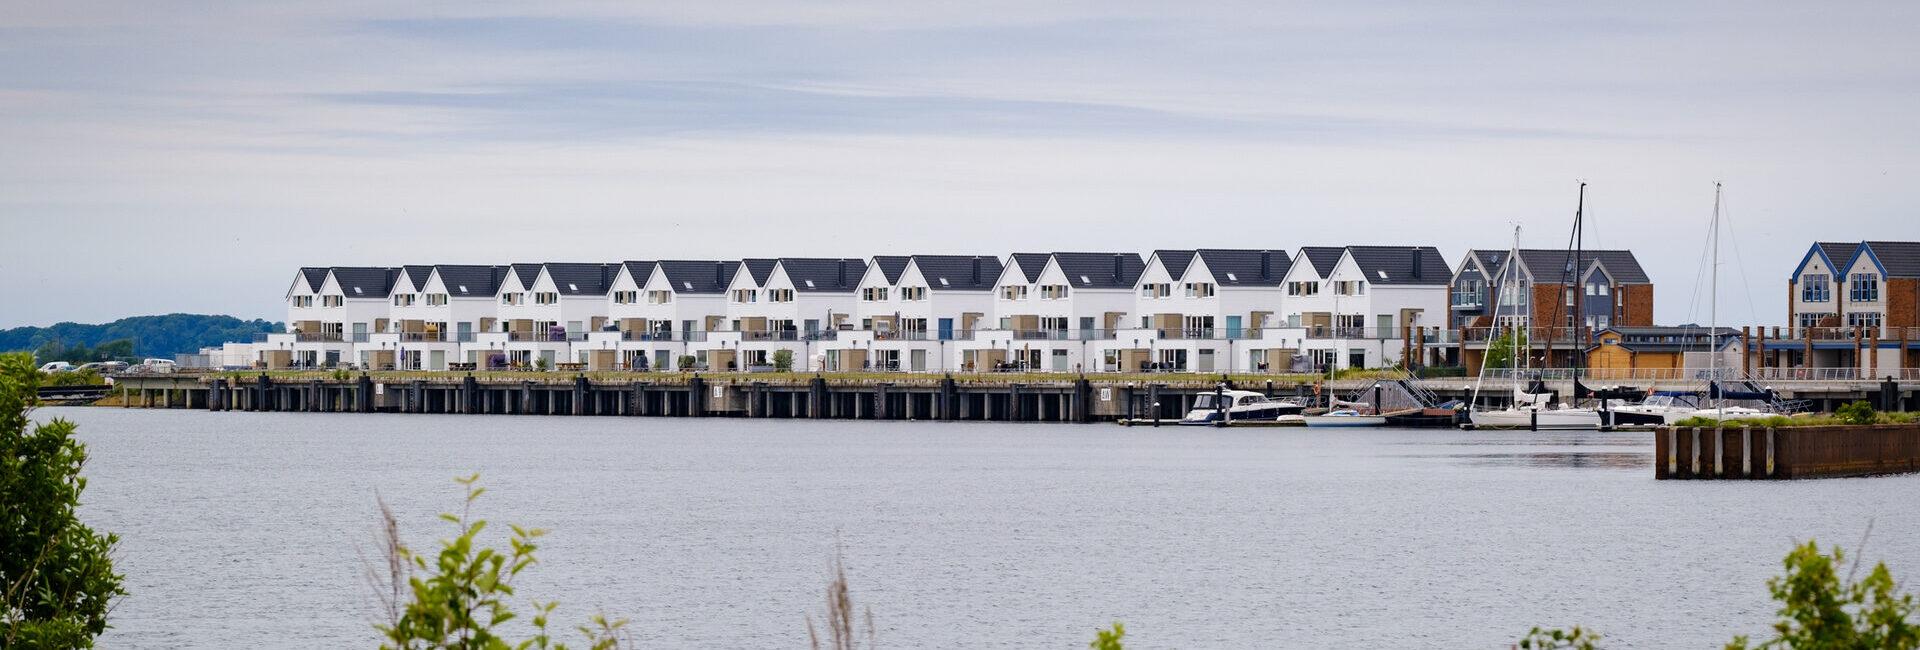 Ostsee Resort Olpenitz